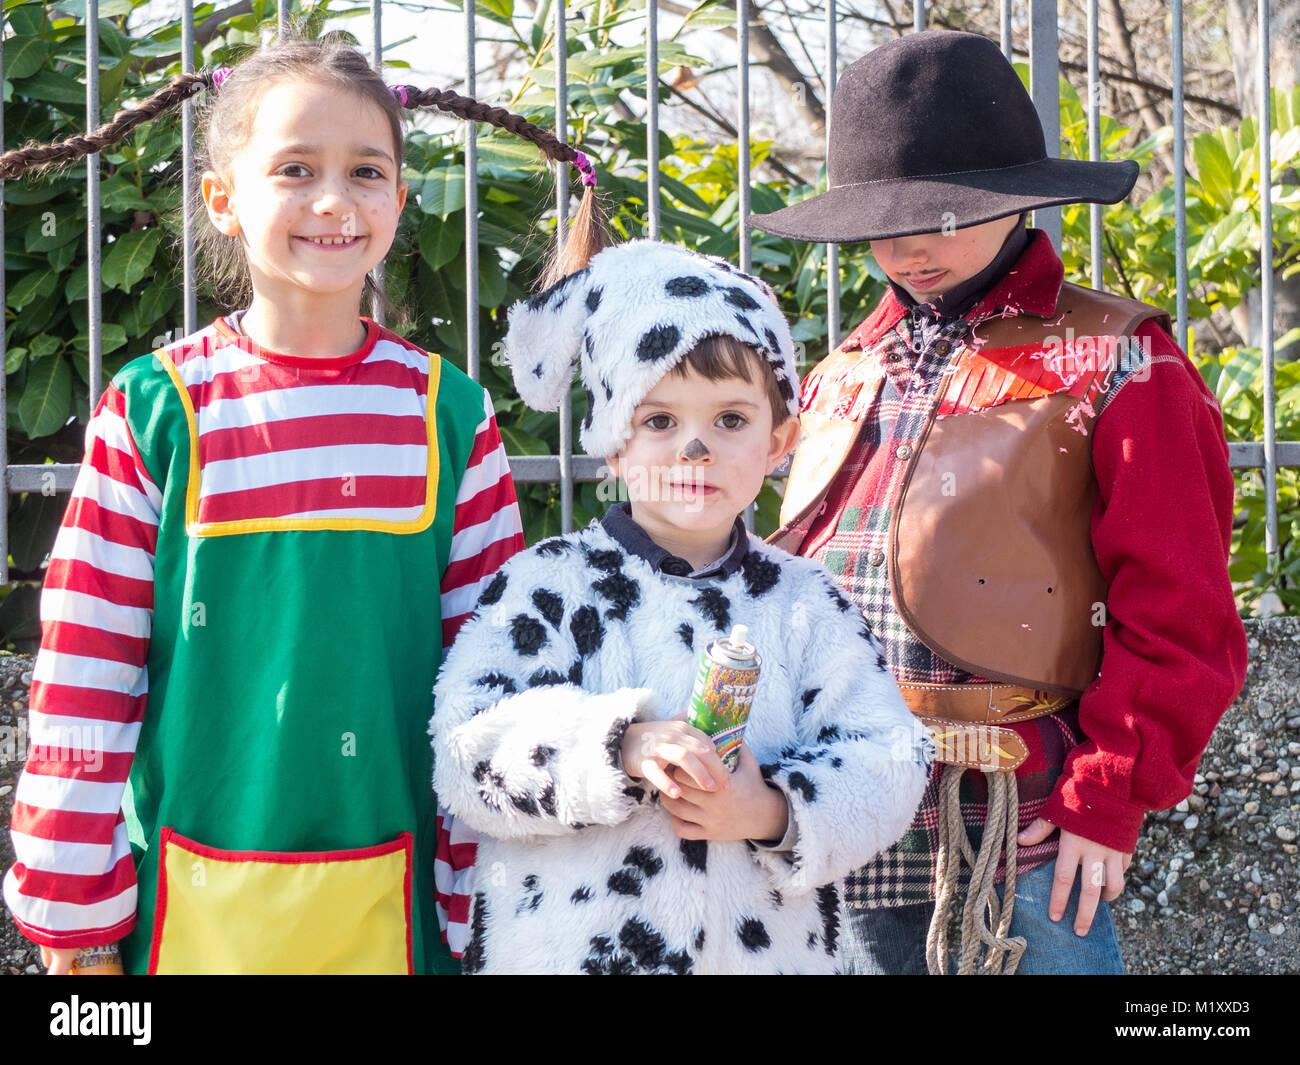 Crianças vestidas com fantasias de carnaval no exterior para celebrar masquerade Imagens de Stock